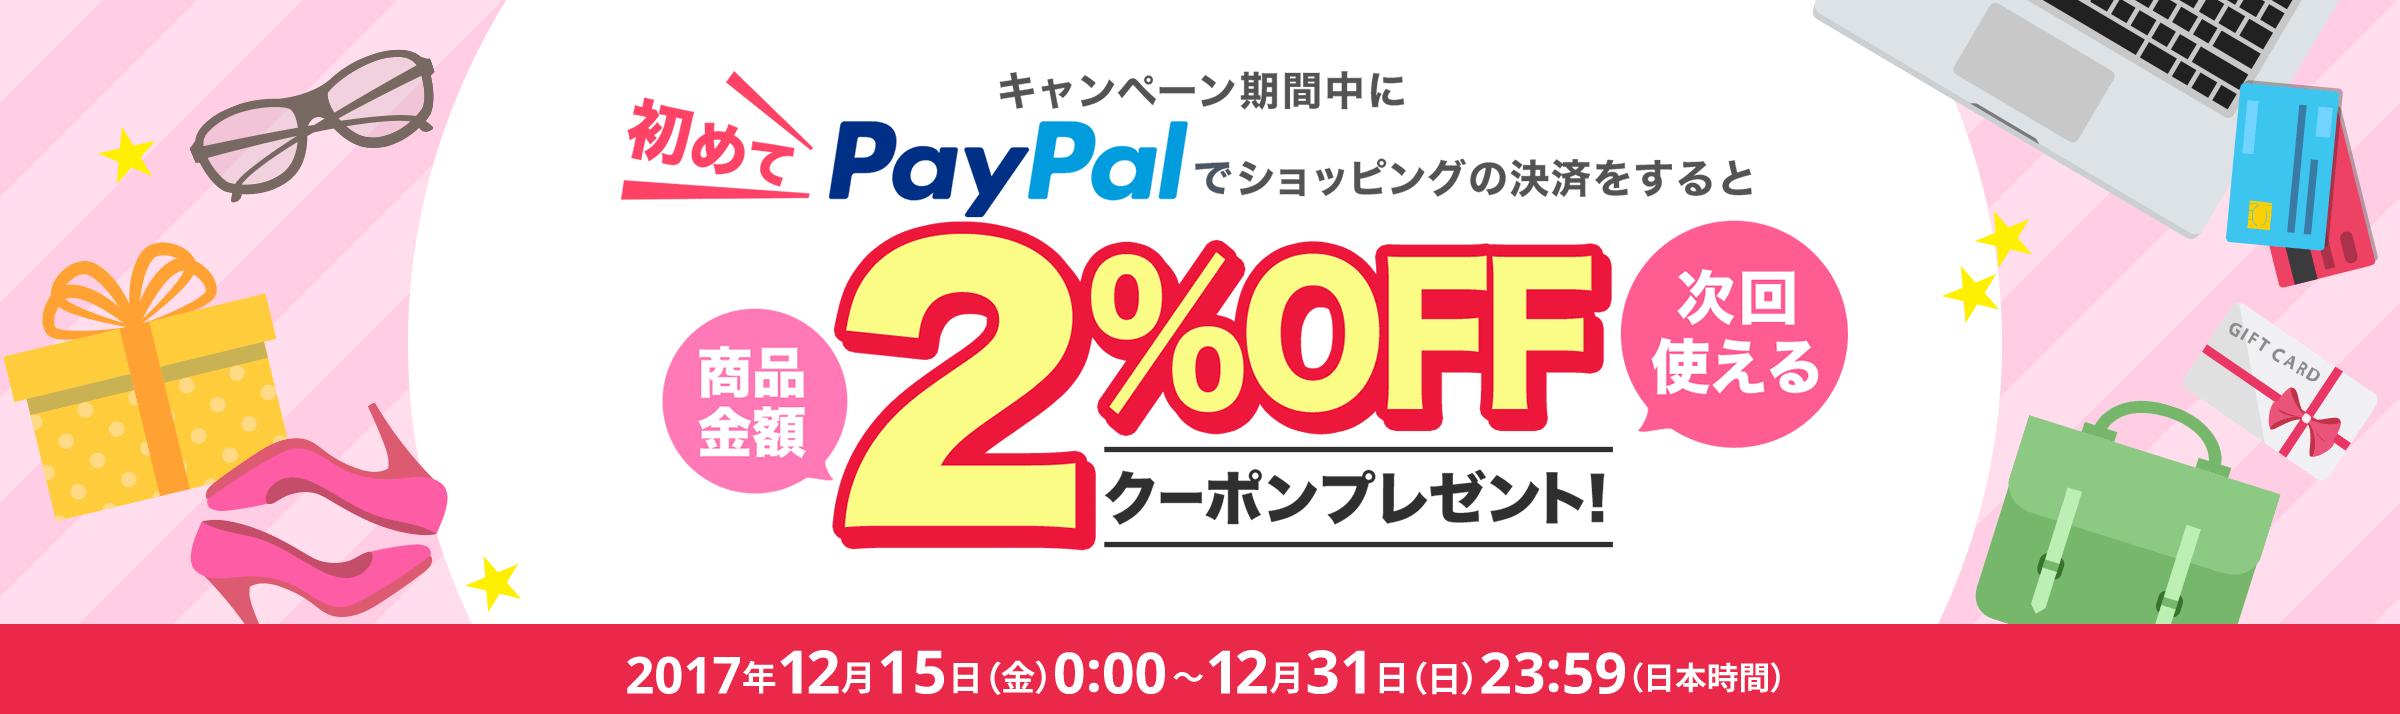 初回限定 PayPalでショッピングの決済をすると商品金額2%OFFクーポンプレゼント!!